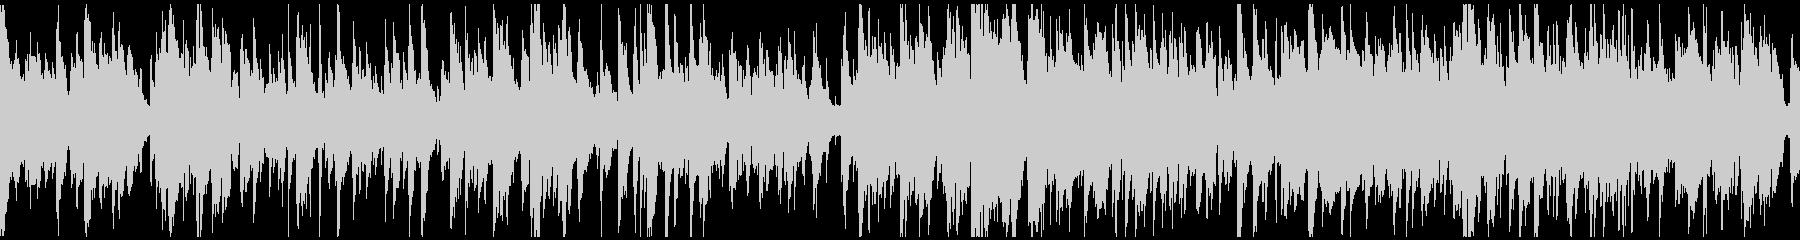 綺麗系のジャズワルツ、サックス※ループ版の未再生の波形